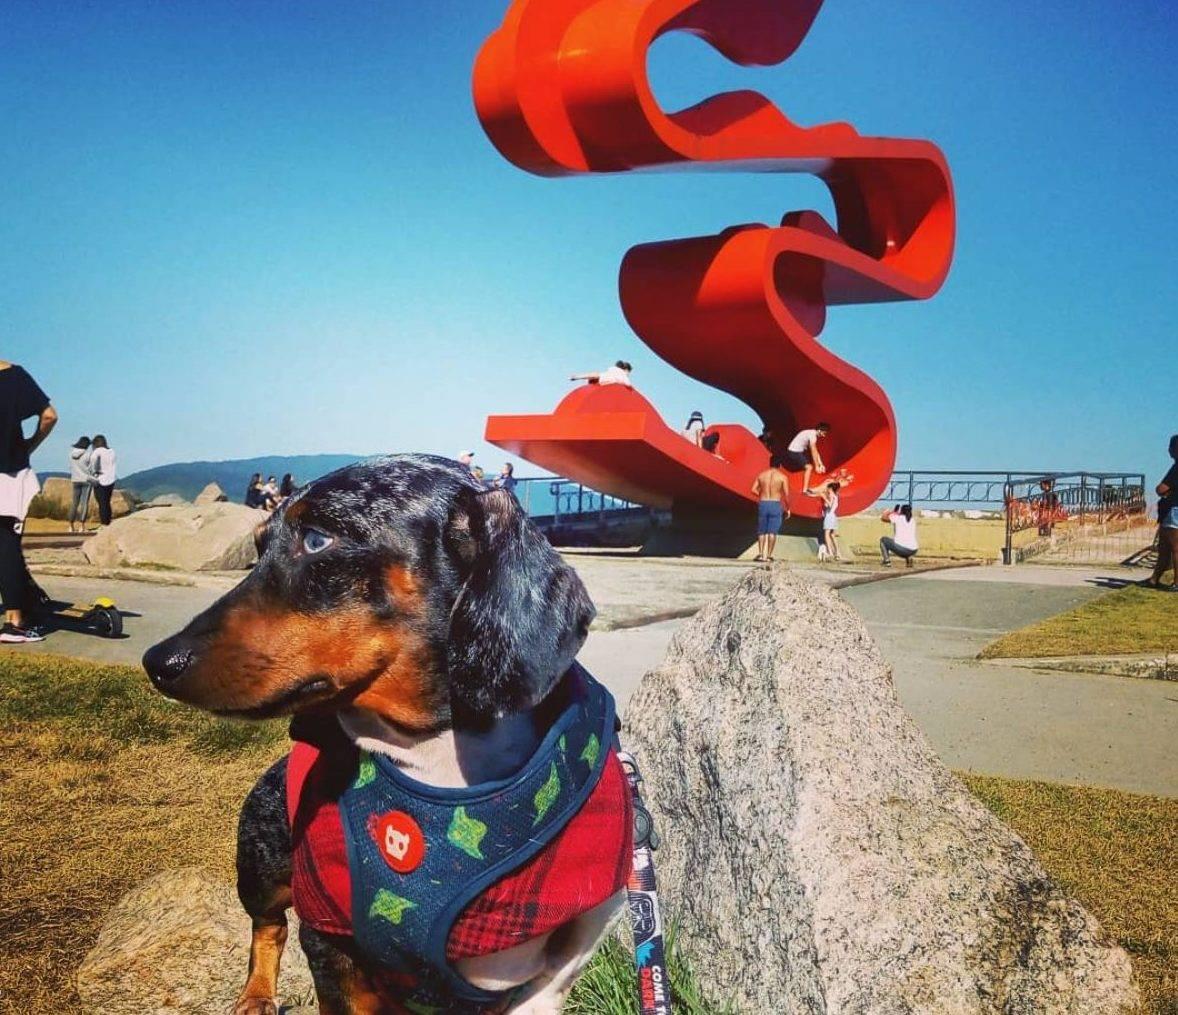 www.juicysantos.com.br - onde passear com o cachorro em santos